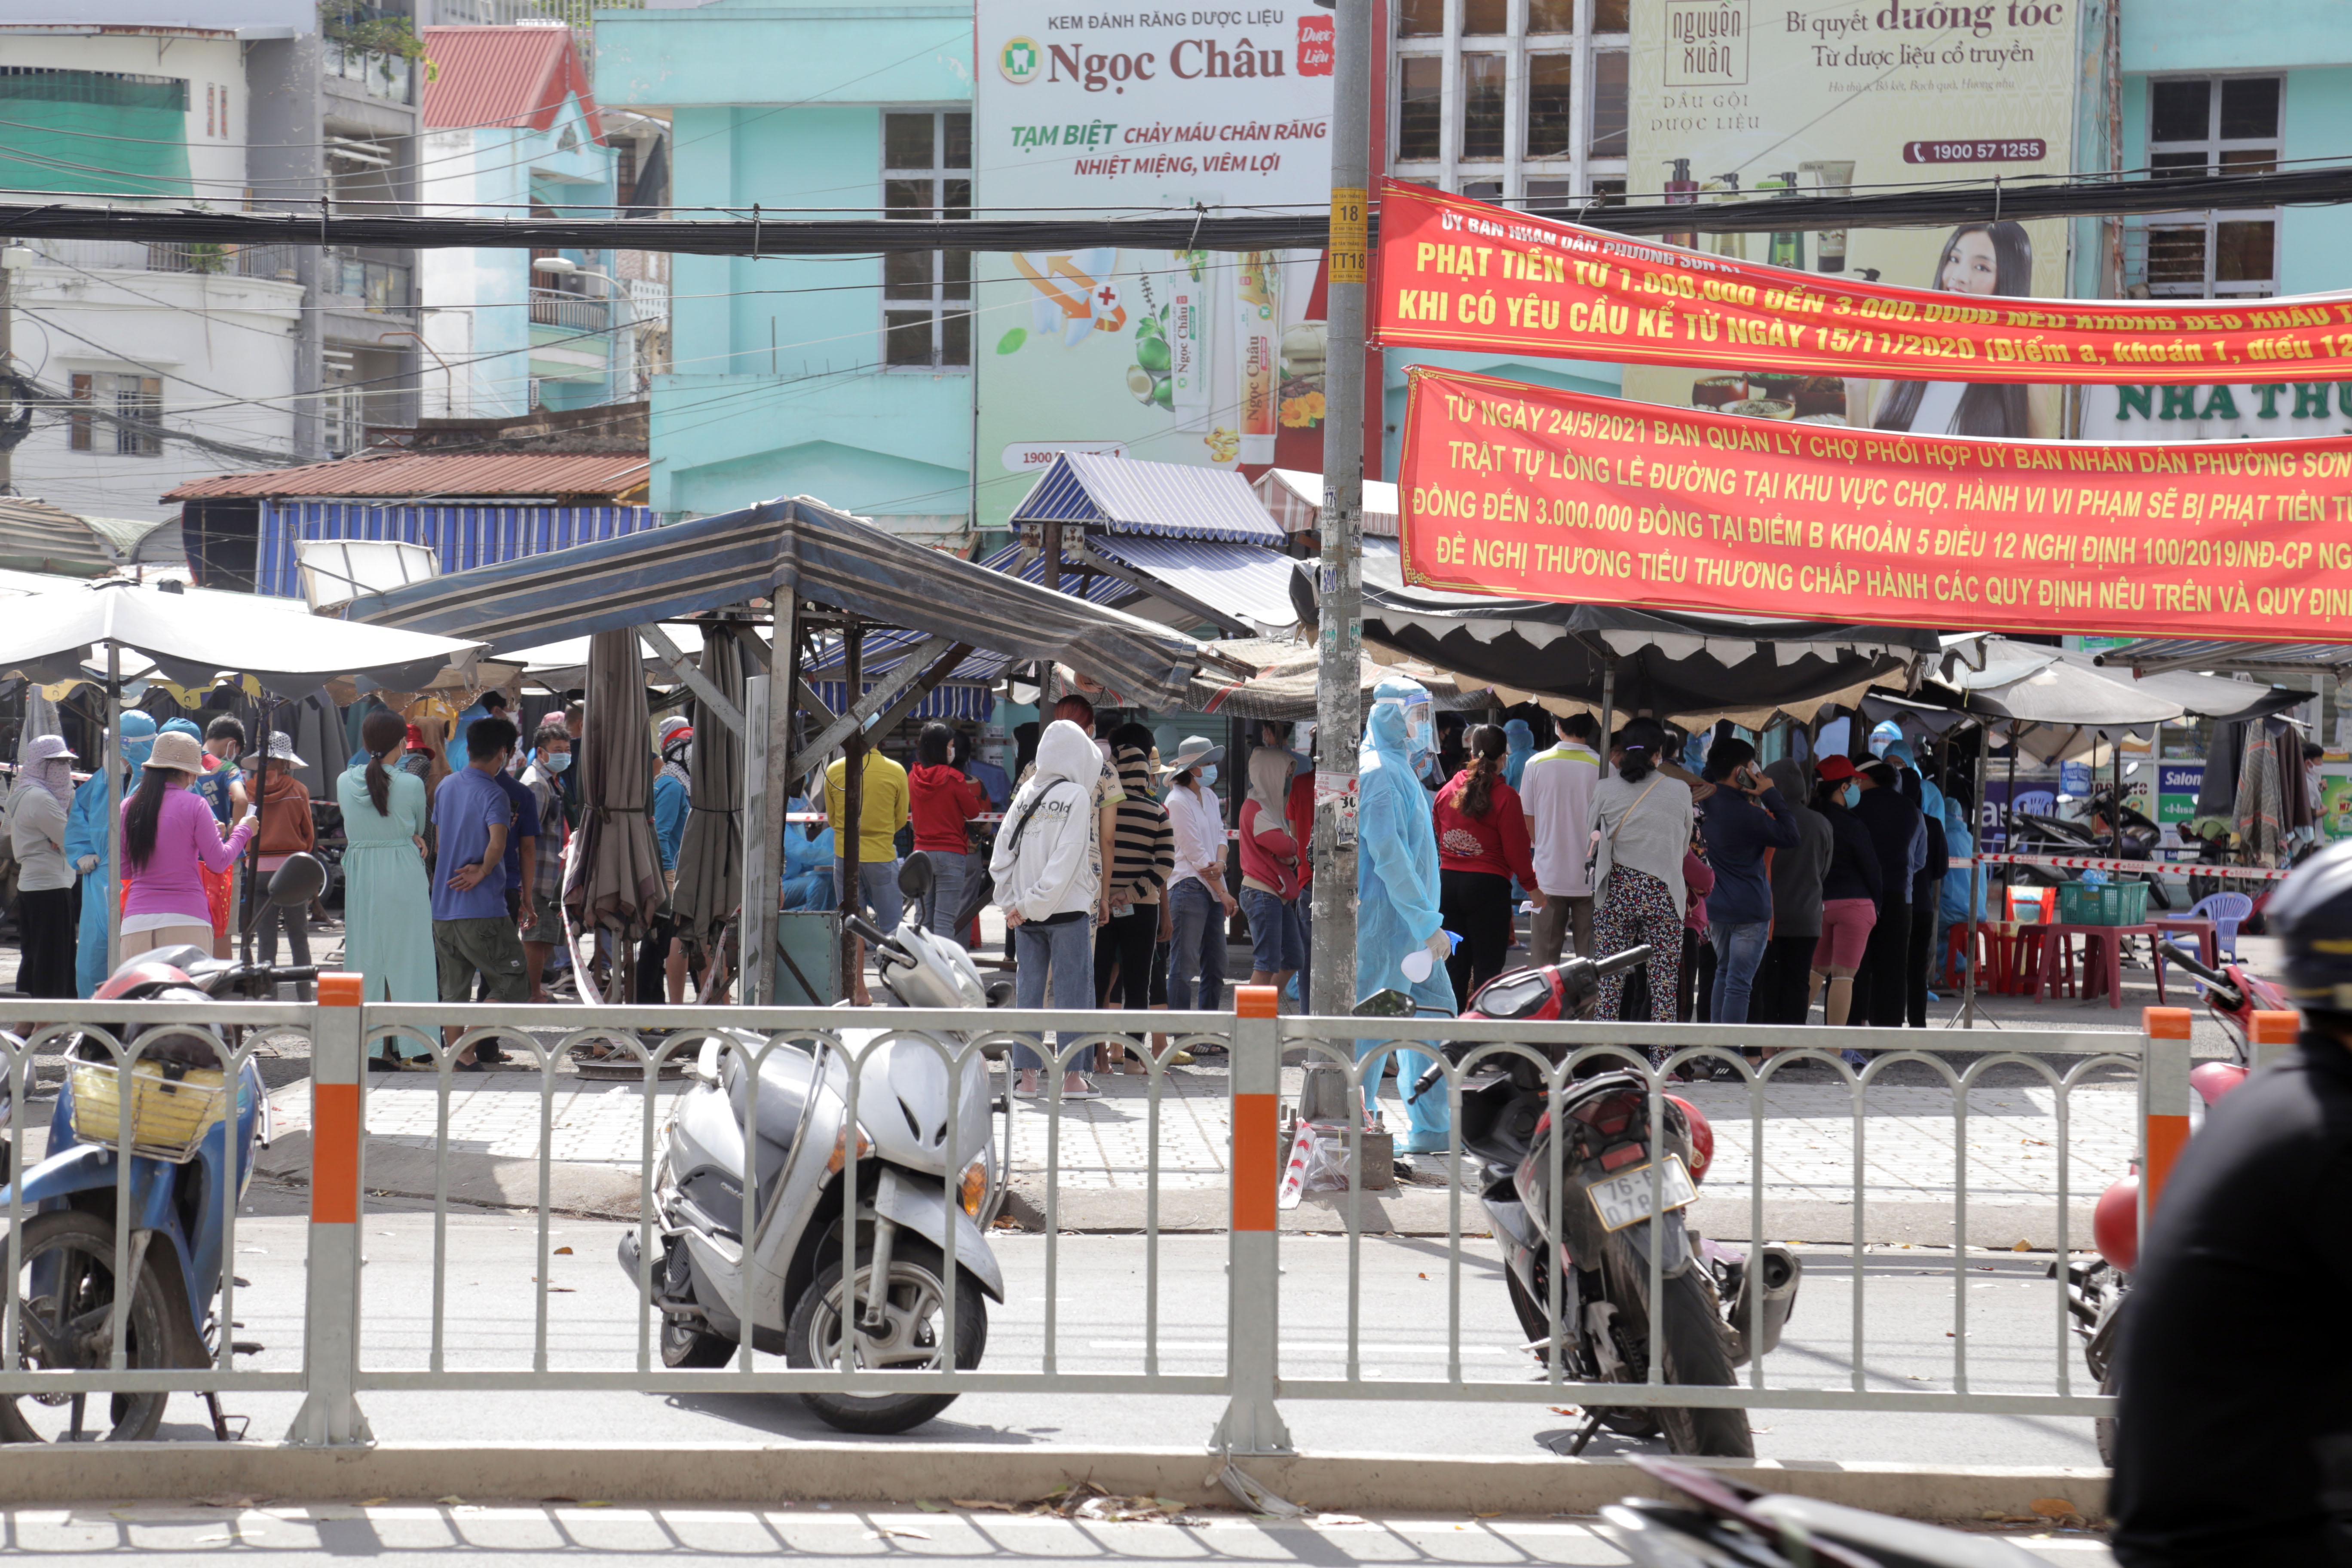 Ảnh: Phong tỏa mọi ngóc ngách, xét nghiệm hàng trăm người tại chợ ở Tân Phú vì dịch COVID-19 phức tạp - 7